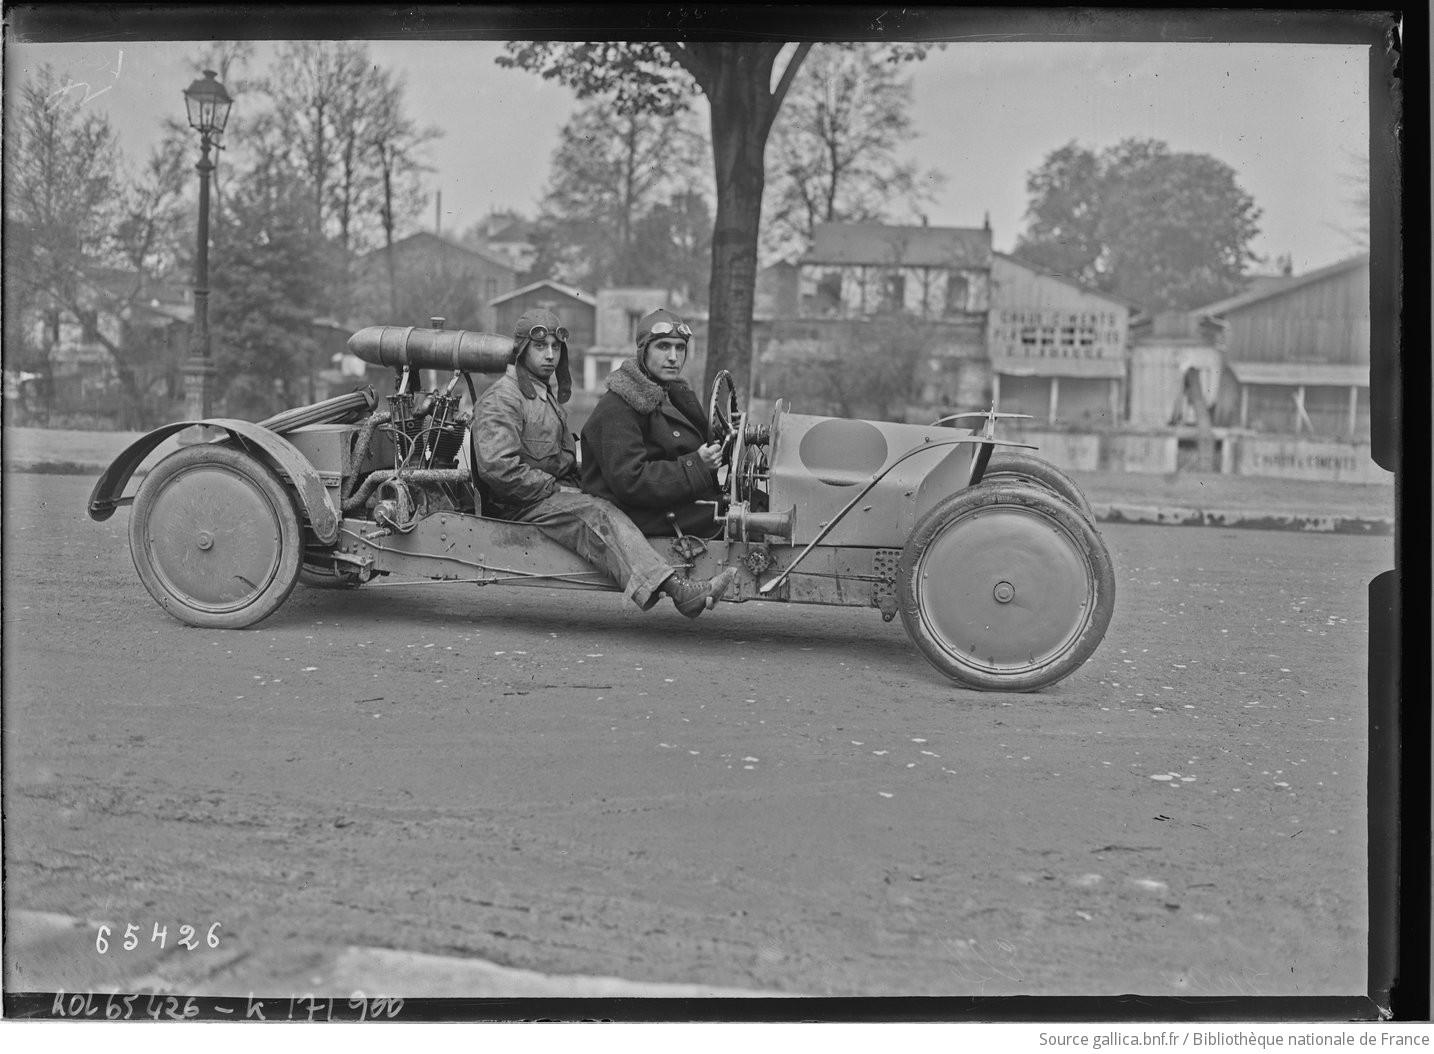 ELFE cyclecar F1